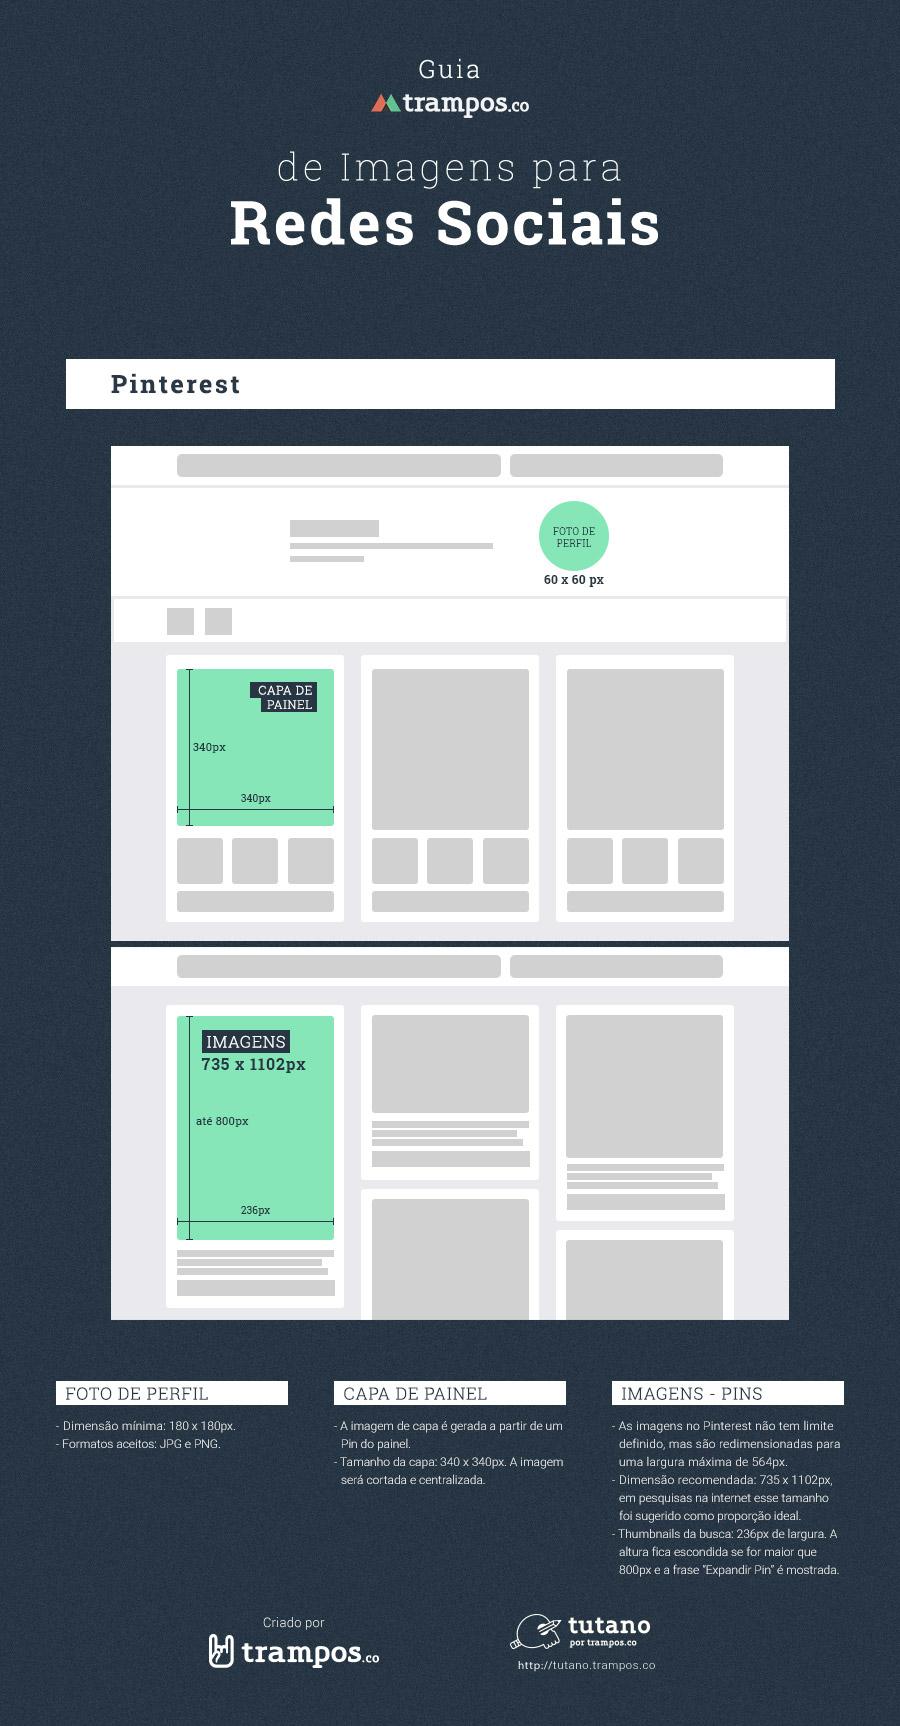 Guia trampos de tamanhos de imagens para mídias sociais: Pinterest